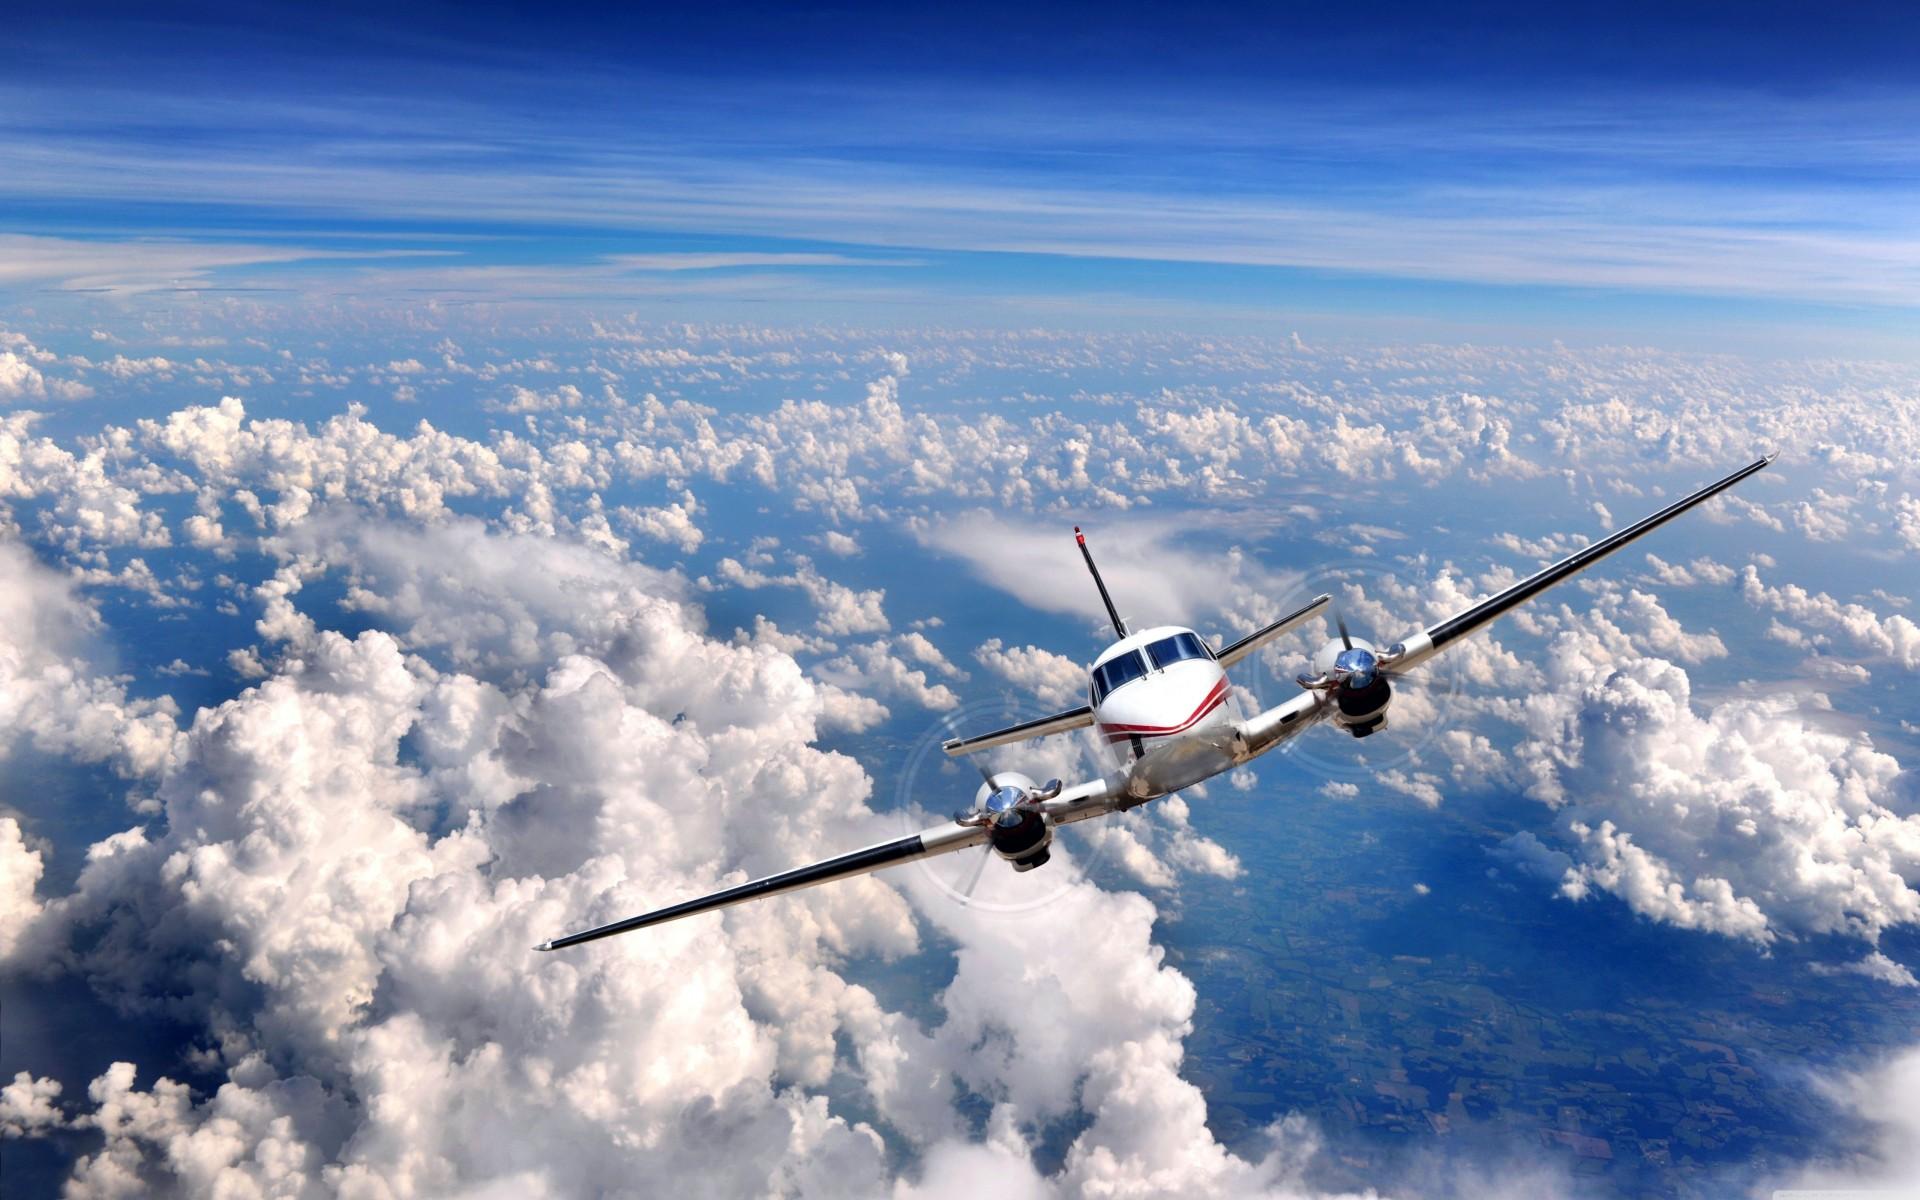 Обои бомбардировщик, Облака, Самолёт. Авиация foto 8